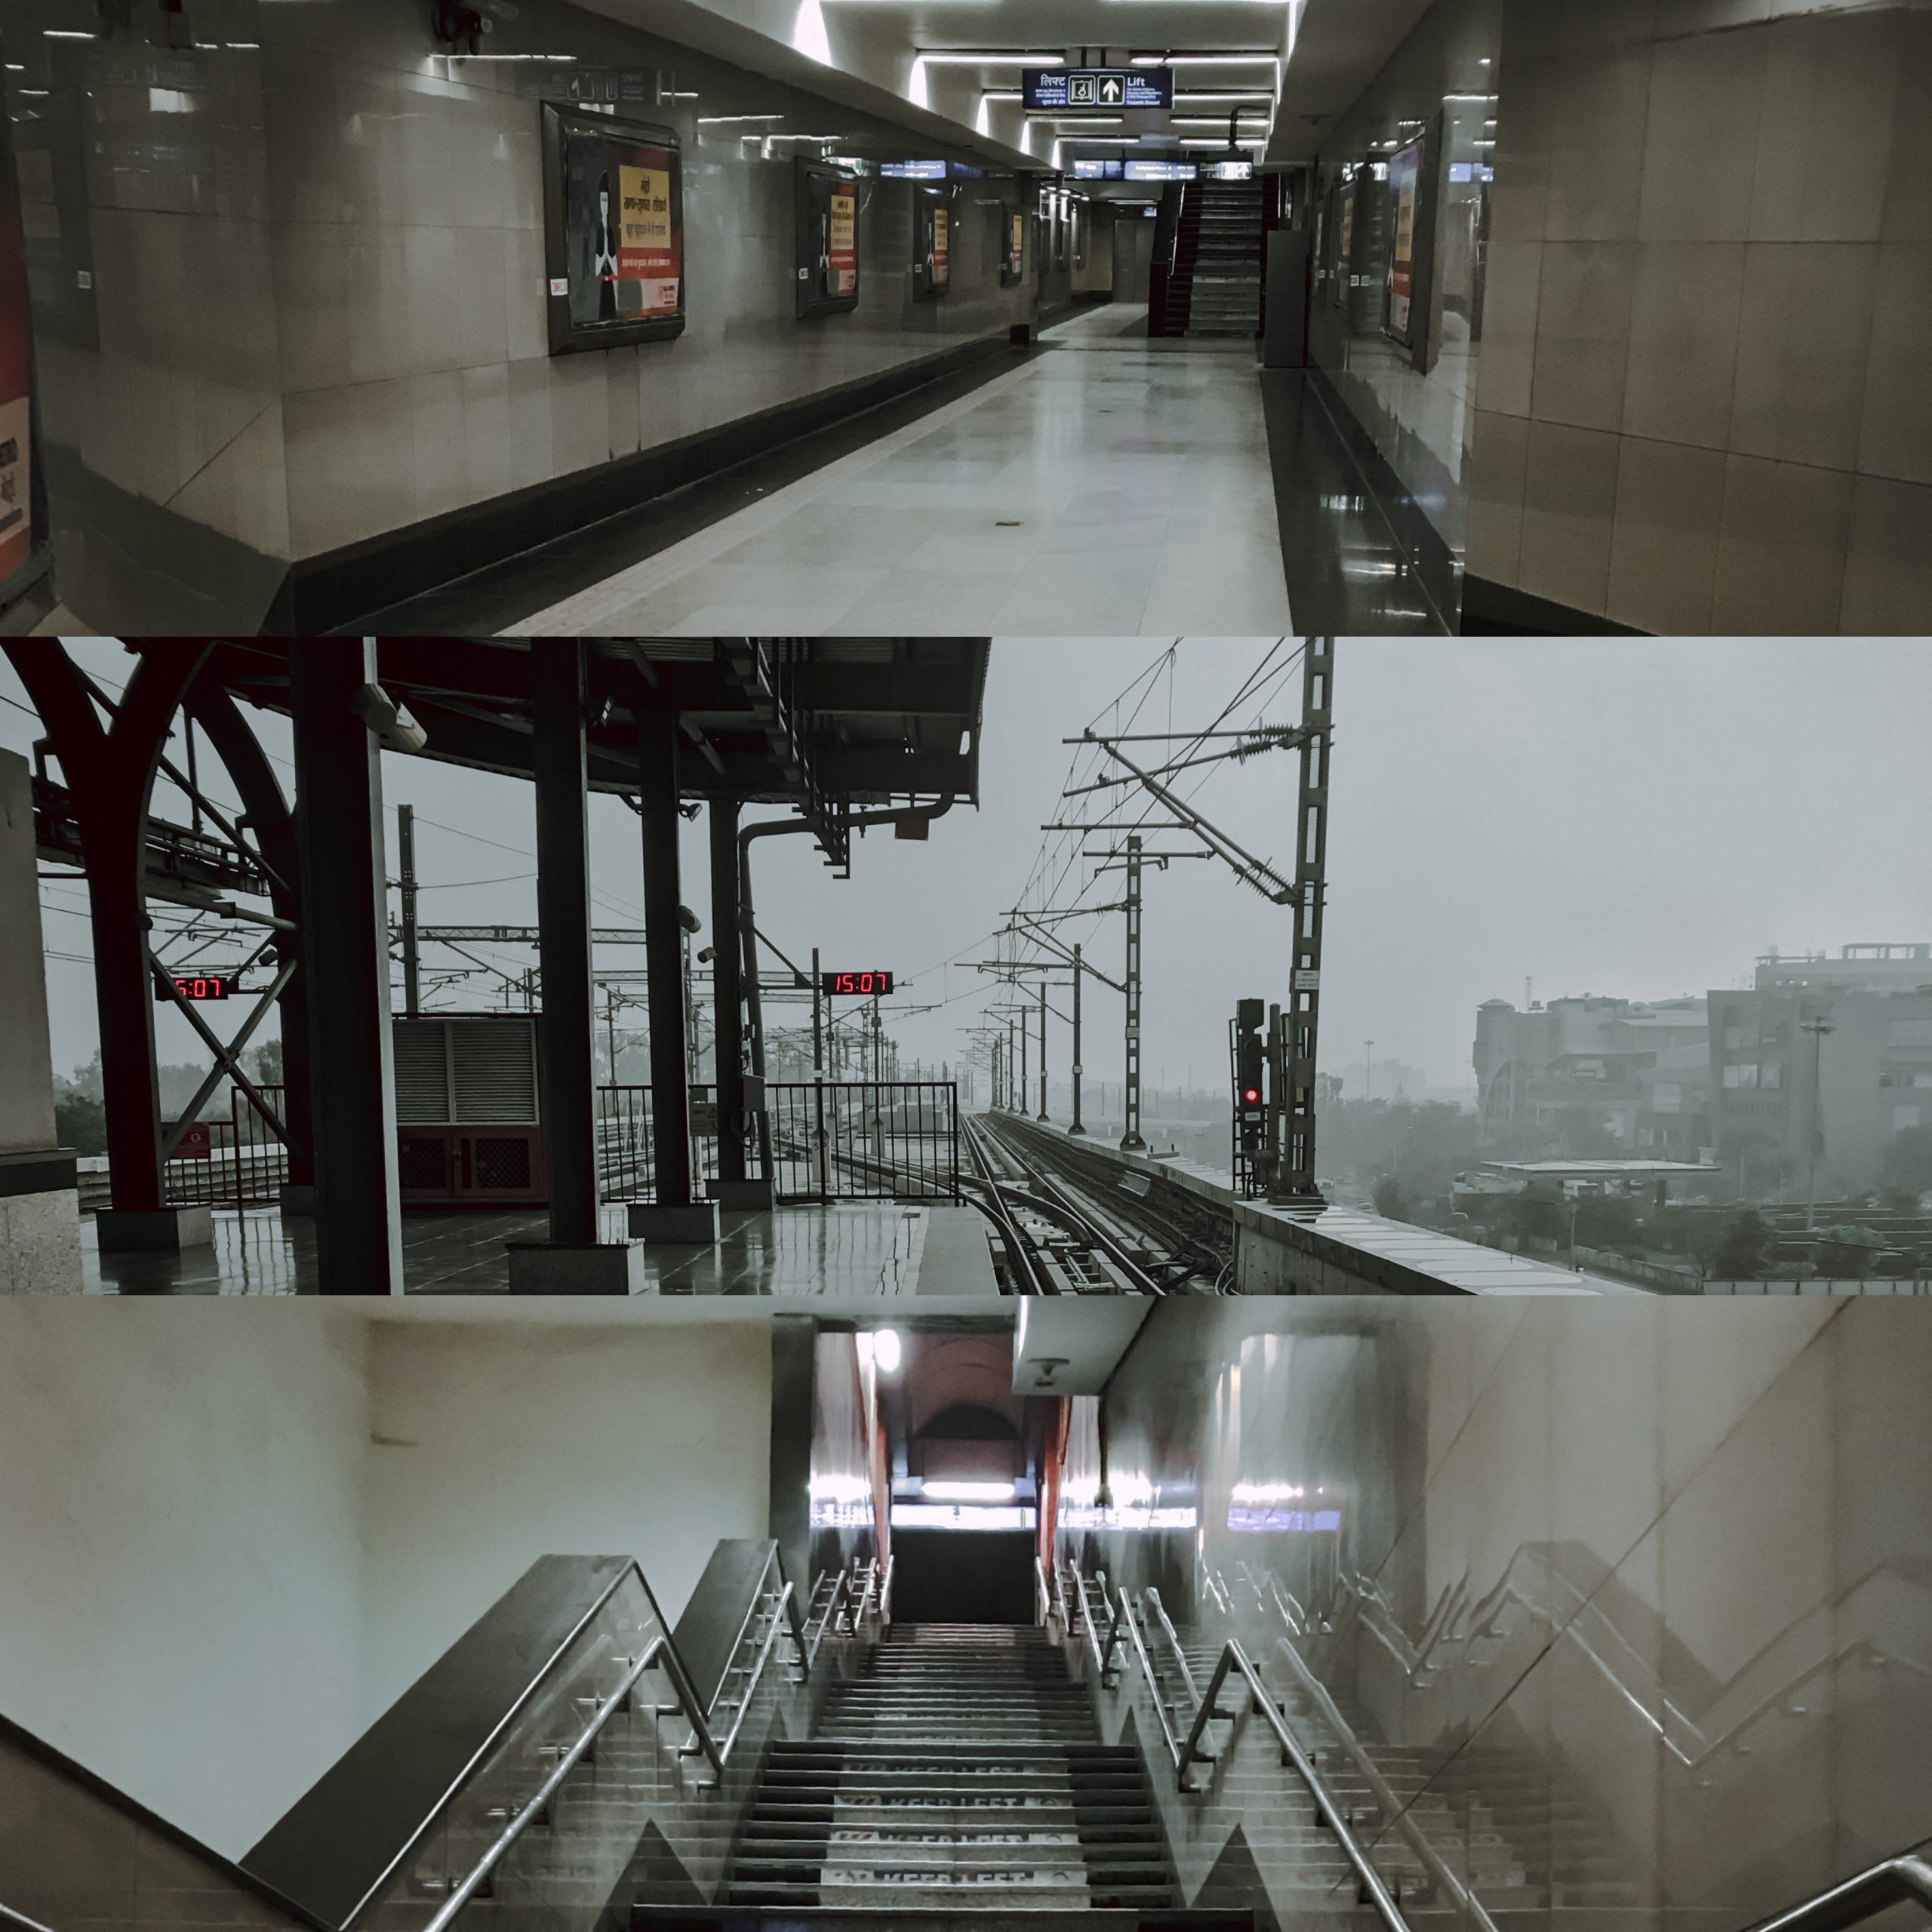 3 empty Metro Stations